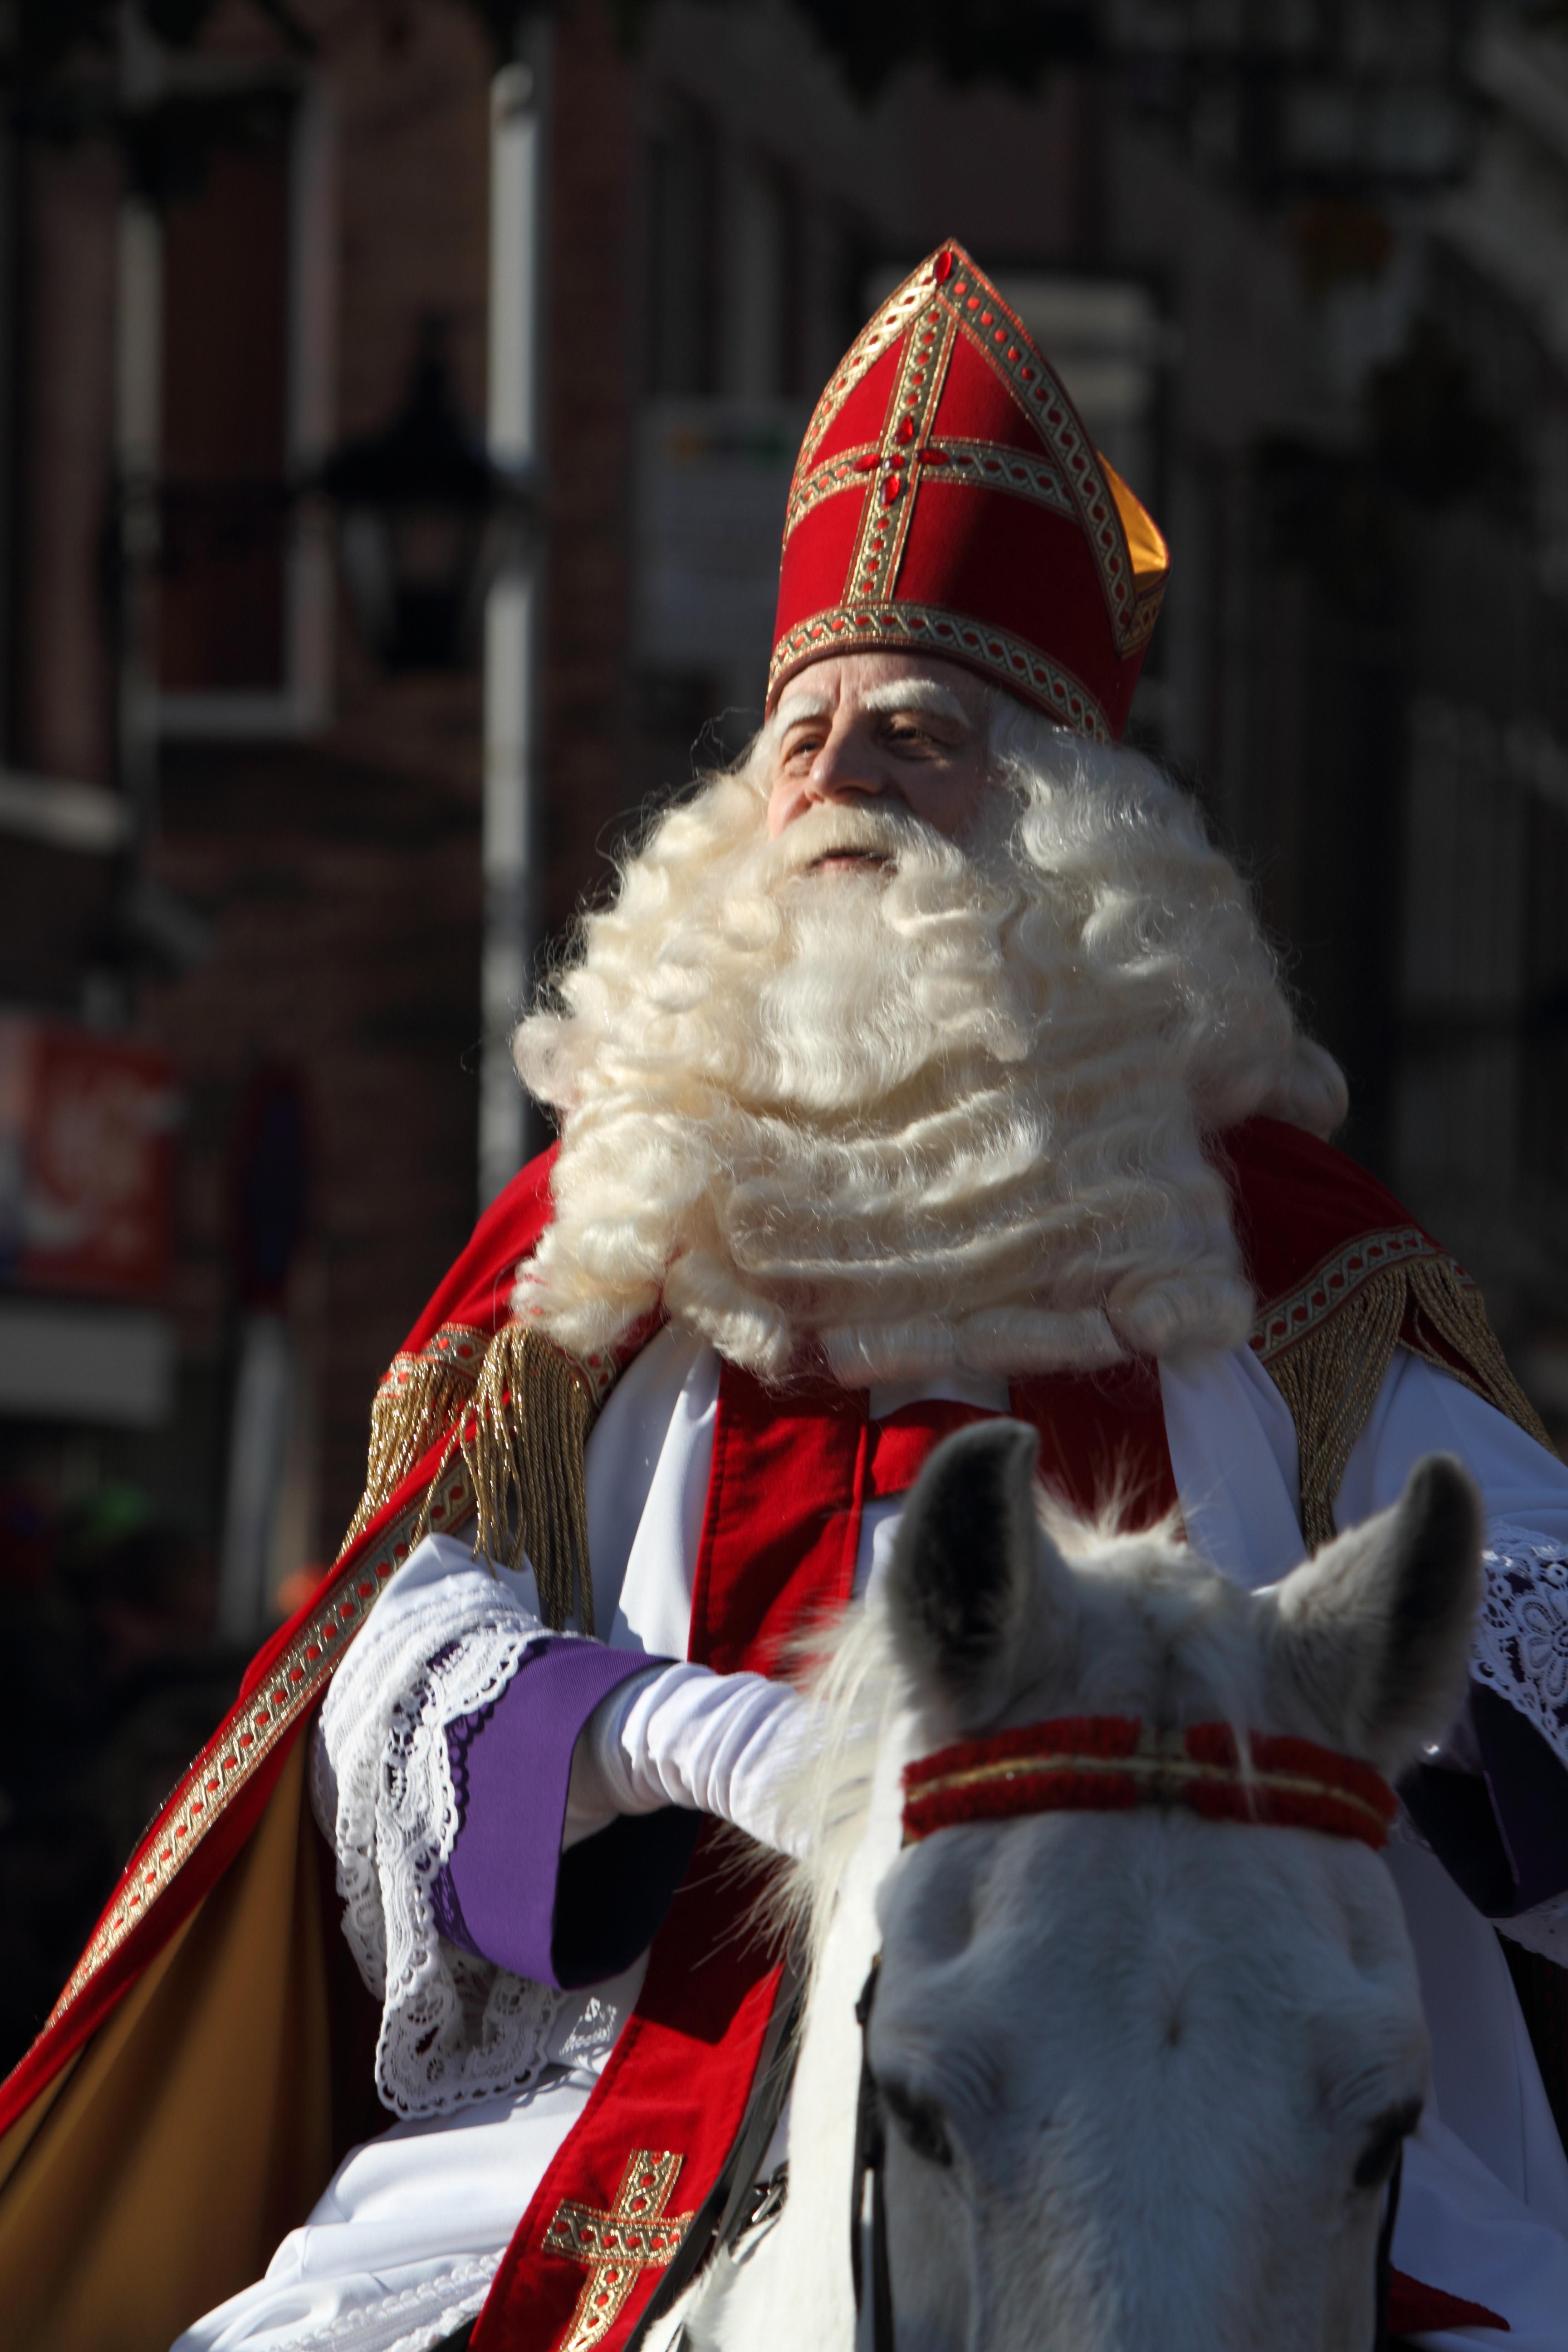 Intocht_van_Sinterklaas_in_Schiedam_2009_(4102602499)_(2).jpg